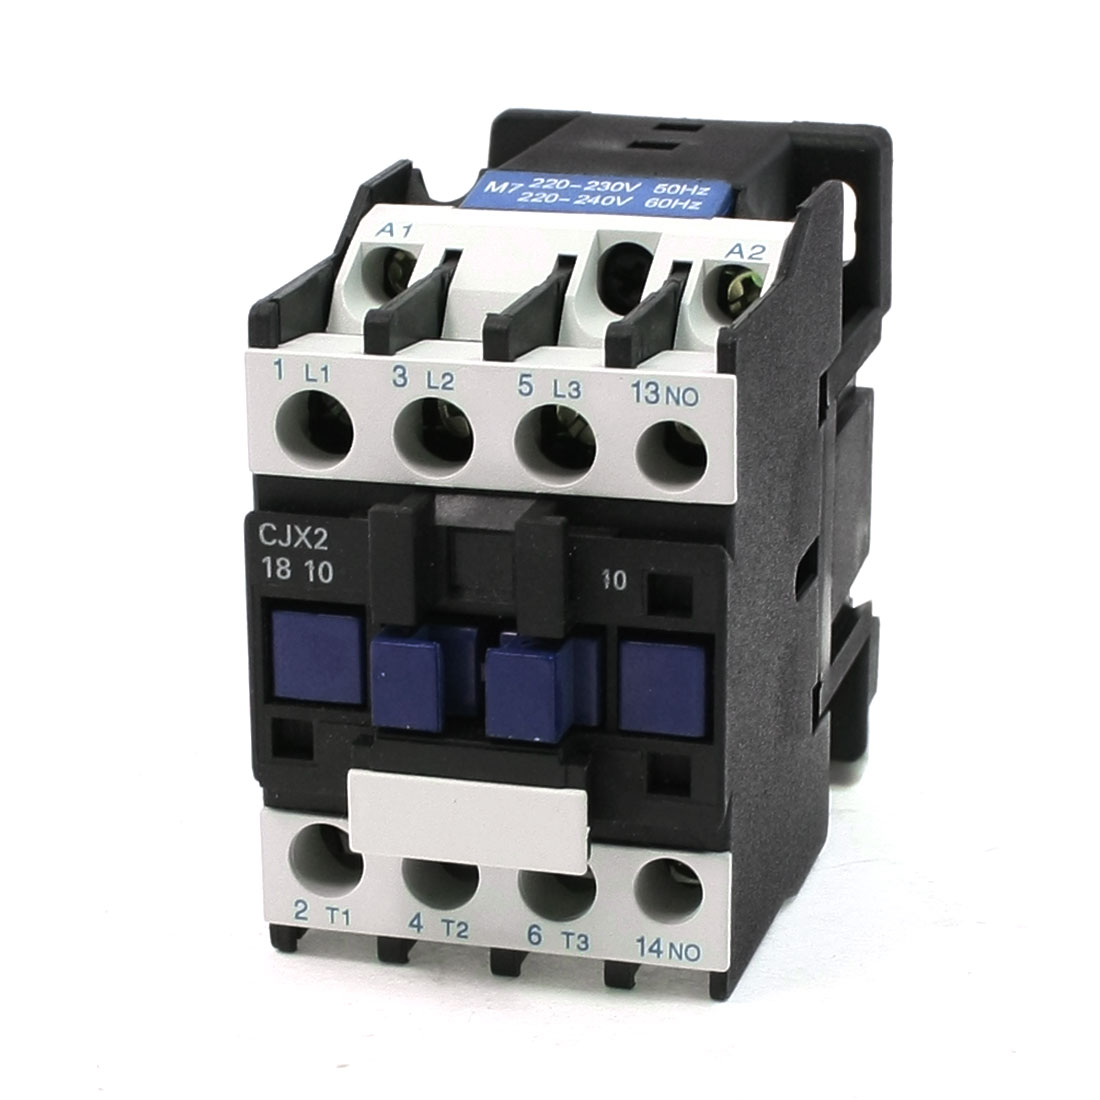 CJX2-18 Coil Voltage 3 Phase 1NO 220-230V 50Hz AC Contactor 660V 32A